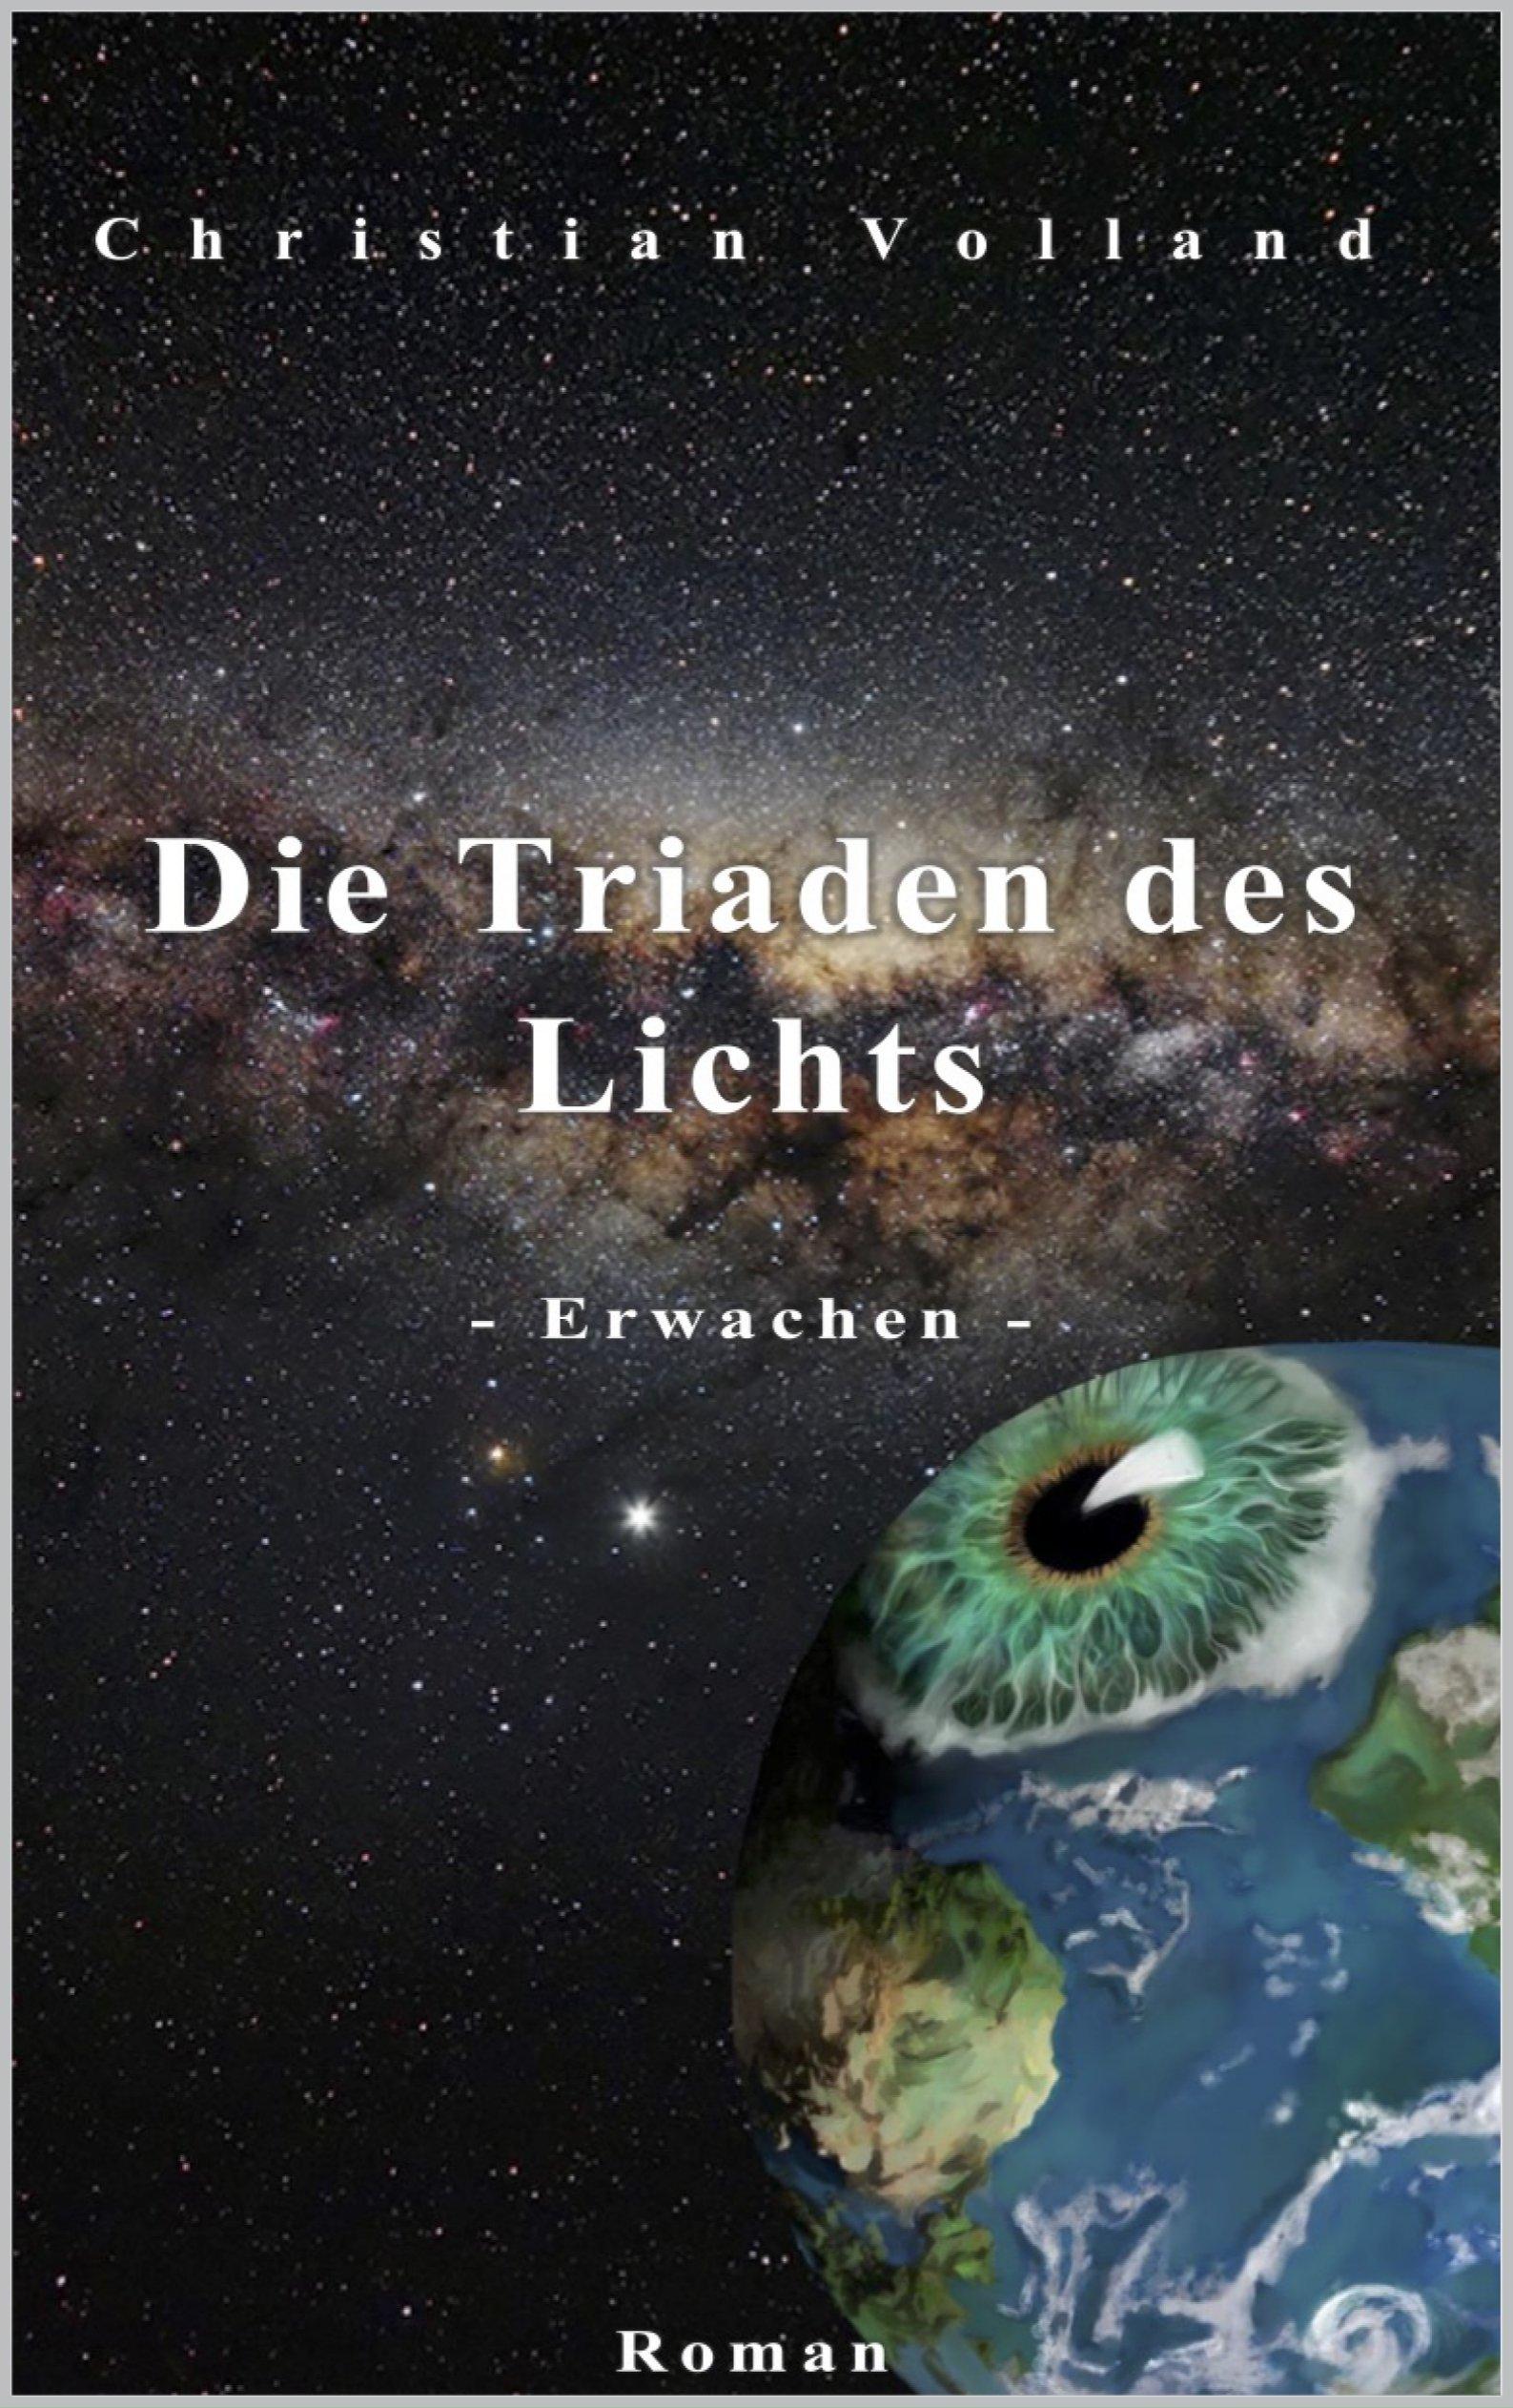 Die Triaden des Lichts